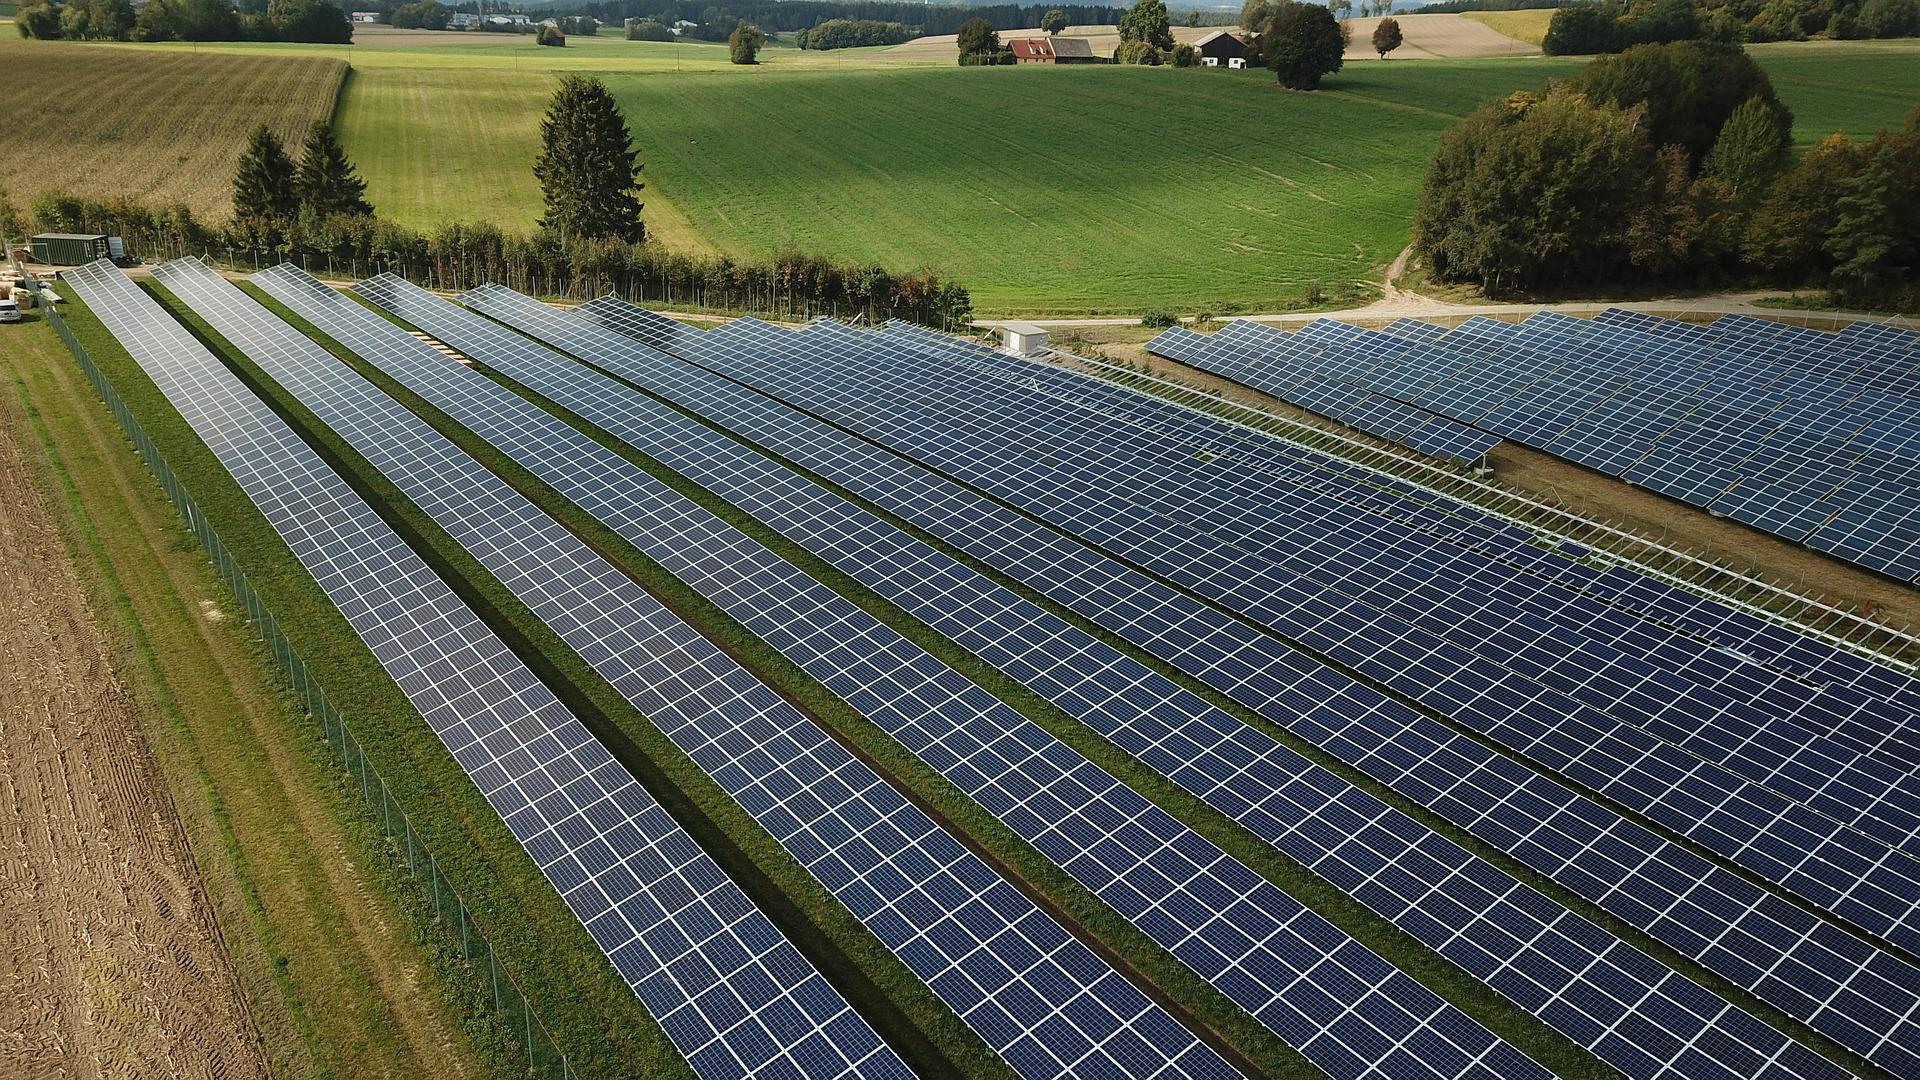 Relatório agência internacional - Elysia energia solar Rio Grande do Sul